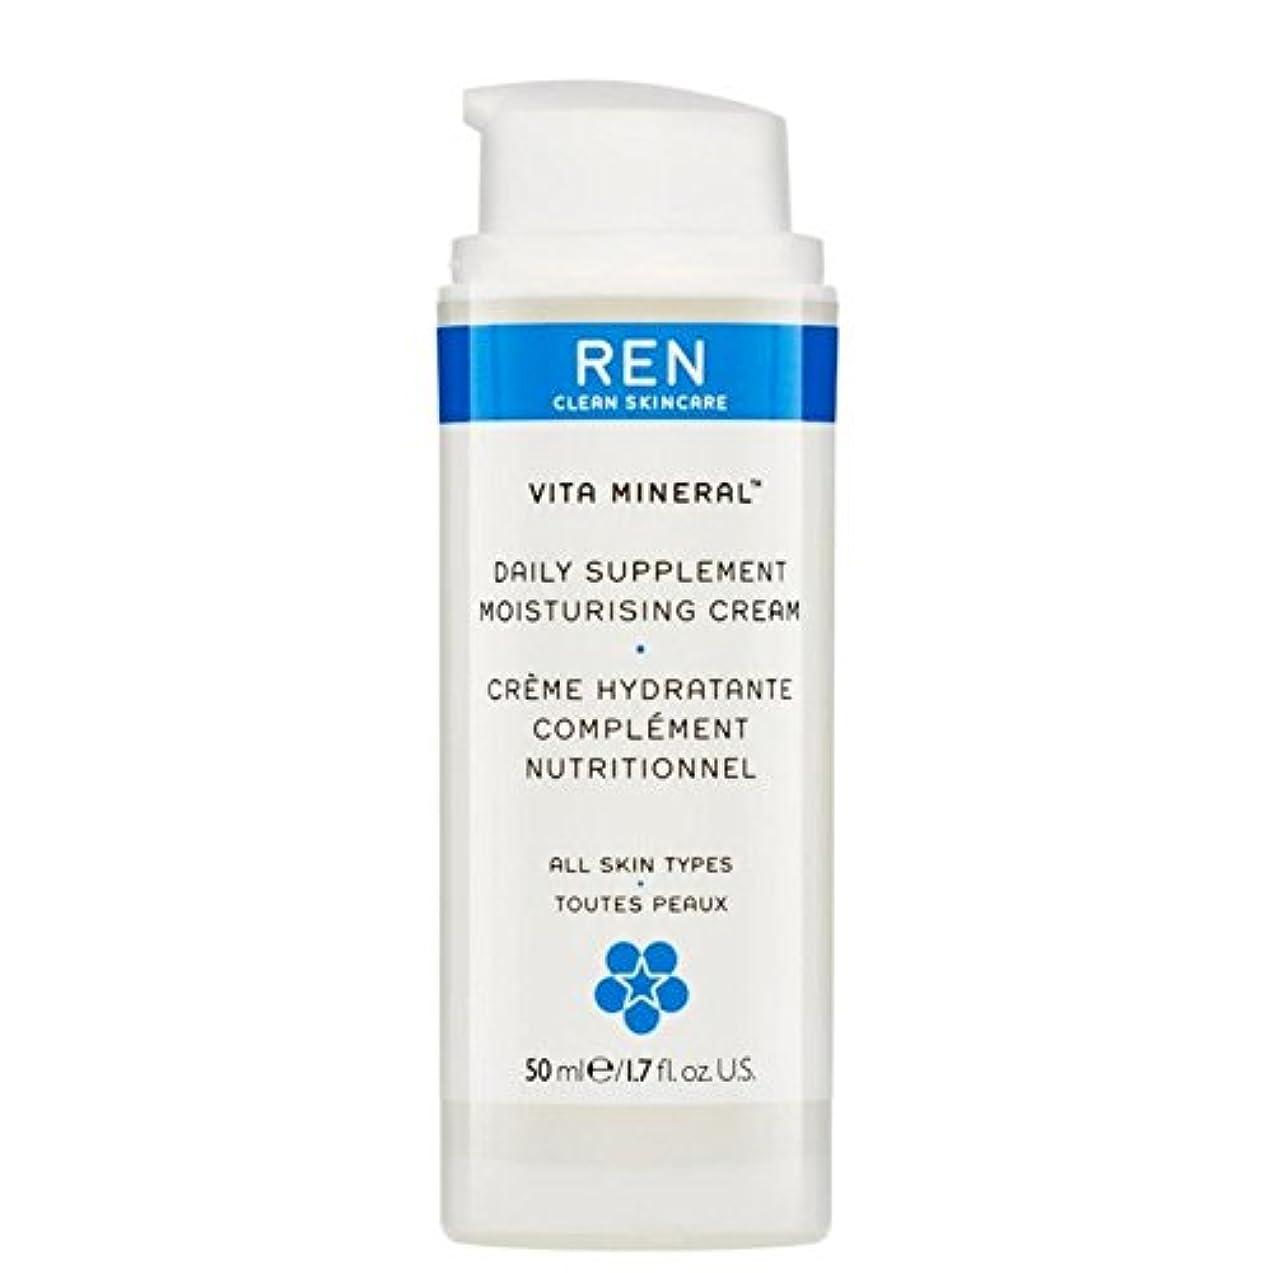 死見積り定義するREN Vita Mineral Daily Supplement Moisturising Cream (Pack of 6) - ヴィータミネラル毎日サプリメント保湿クリーム x6 [並行輸入品]